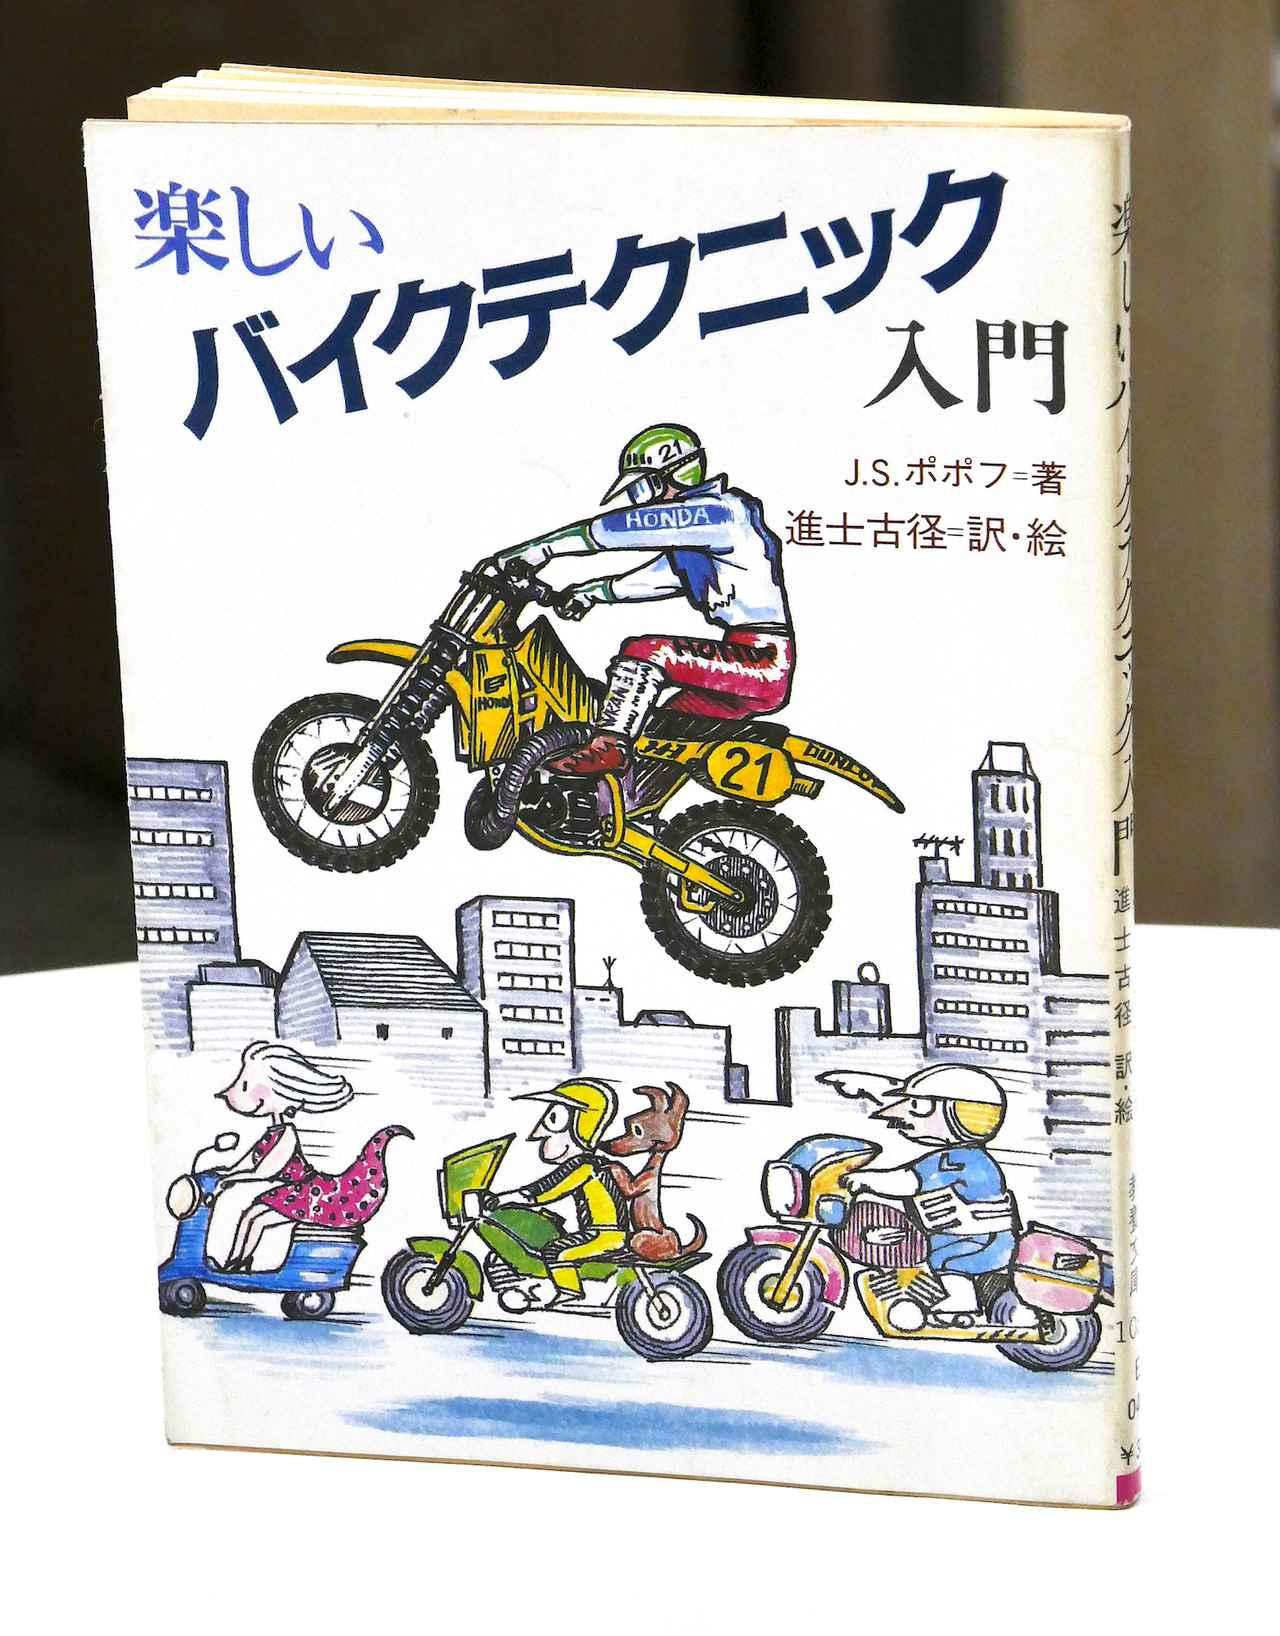 画像1: 『楽しいバイクテクニック入門』 著:J・S・ポポフ / 訳:進士古径(1983年・現代教養文庫)